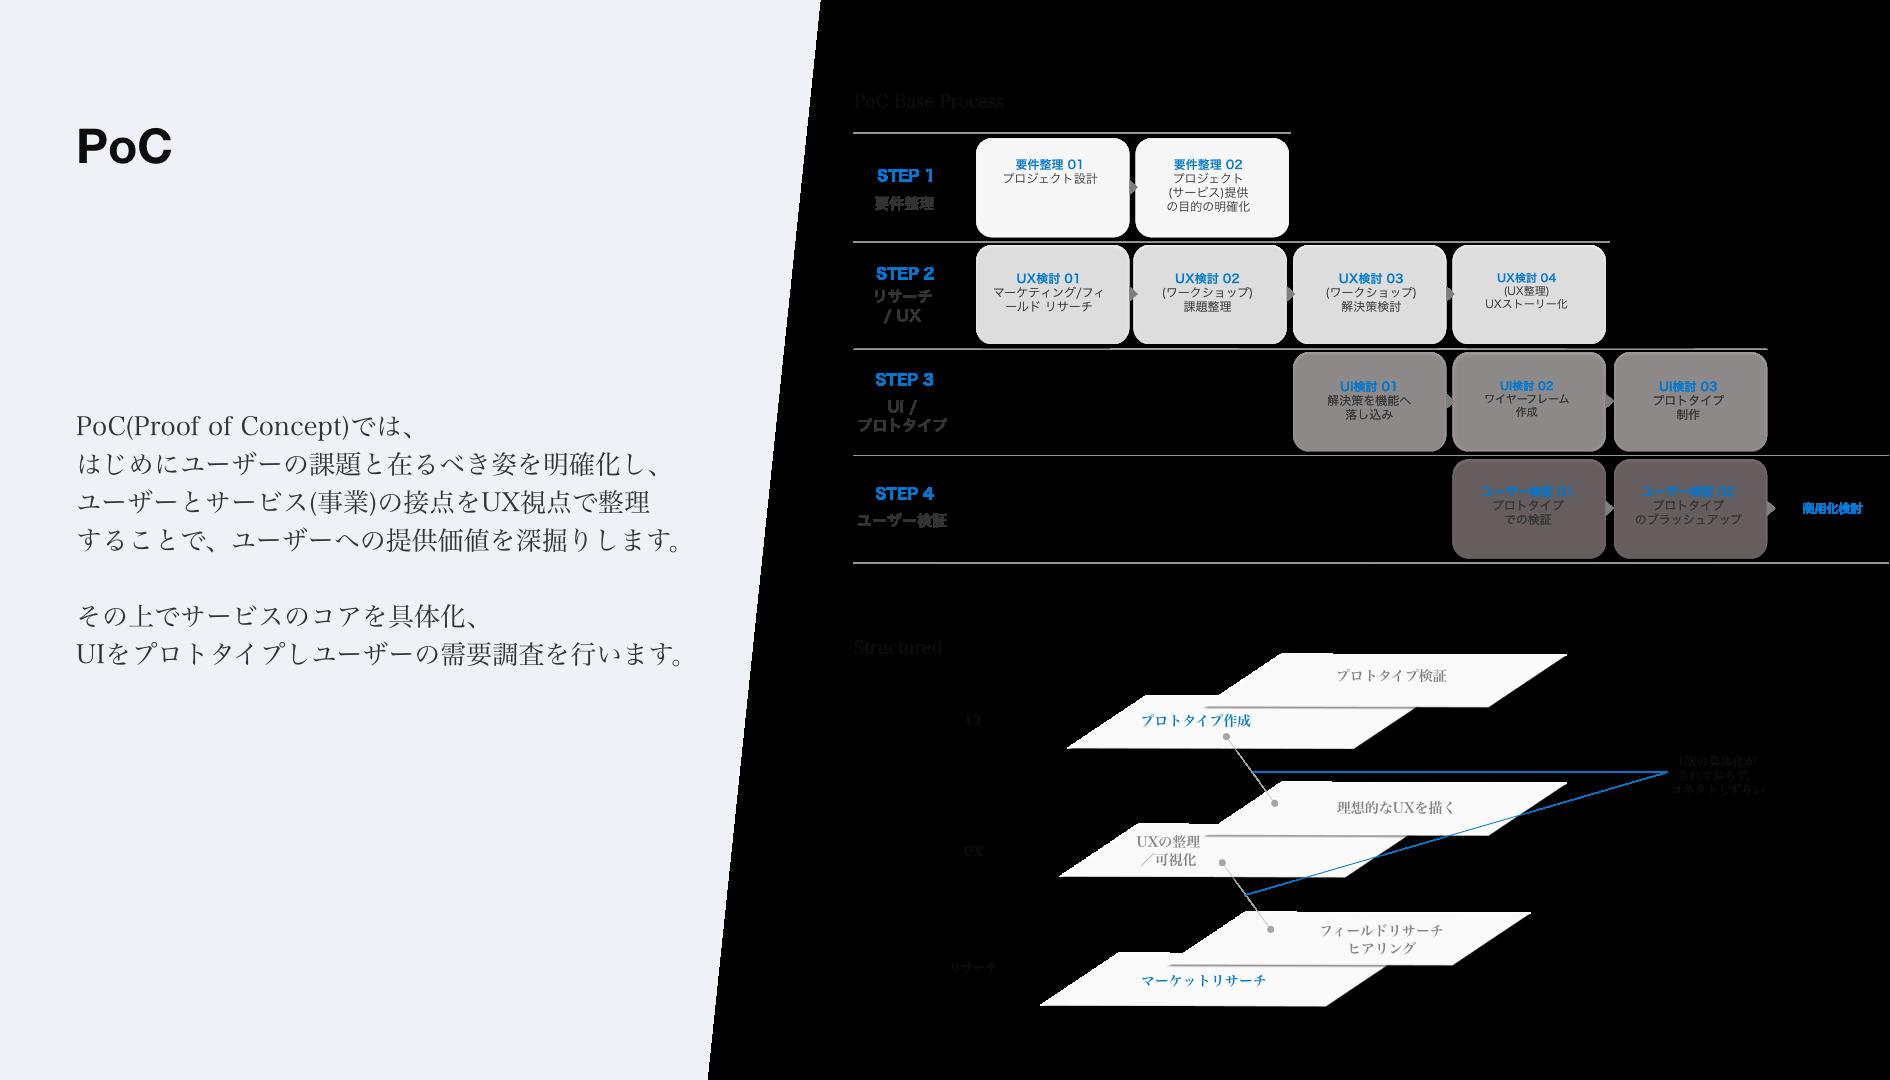 (新サービス・製品のアイデアをスピーディに仮説検証を行いながら開発するプロセスをPoC[Proof of Concept]と呼ぶ)